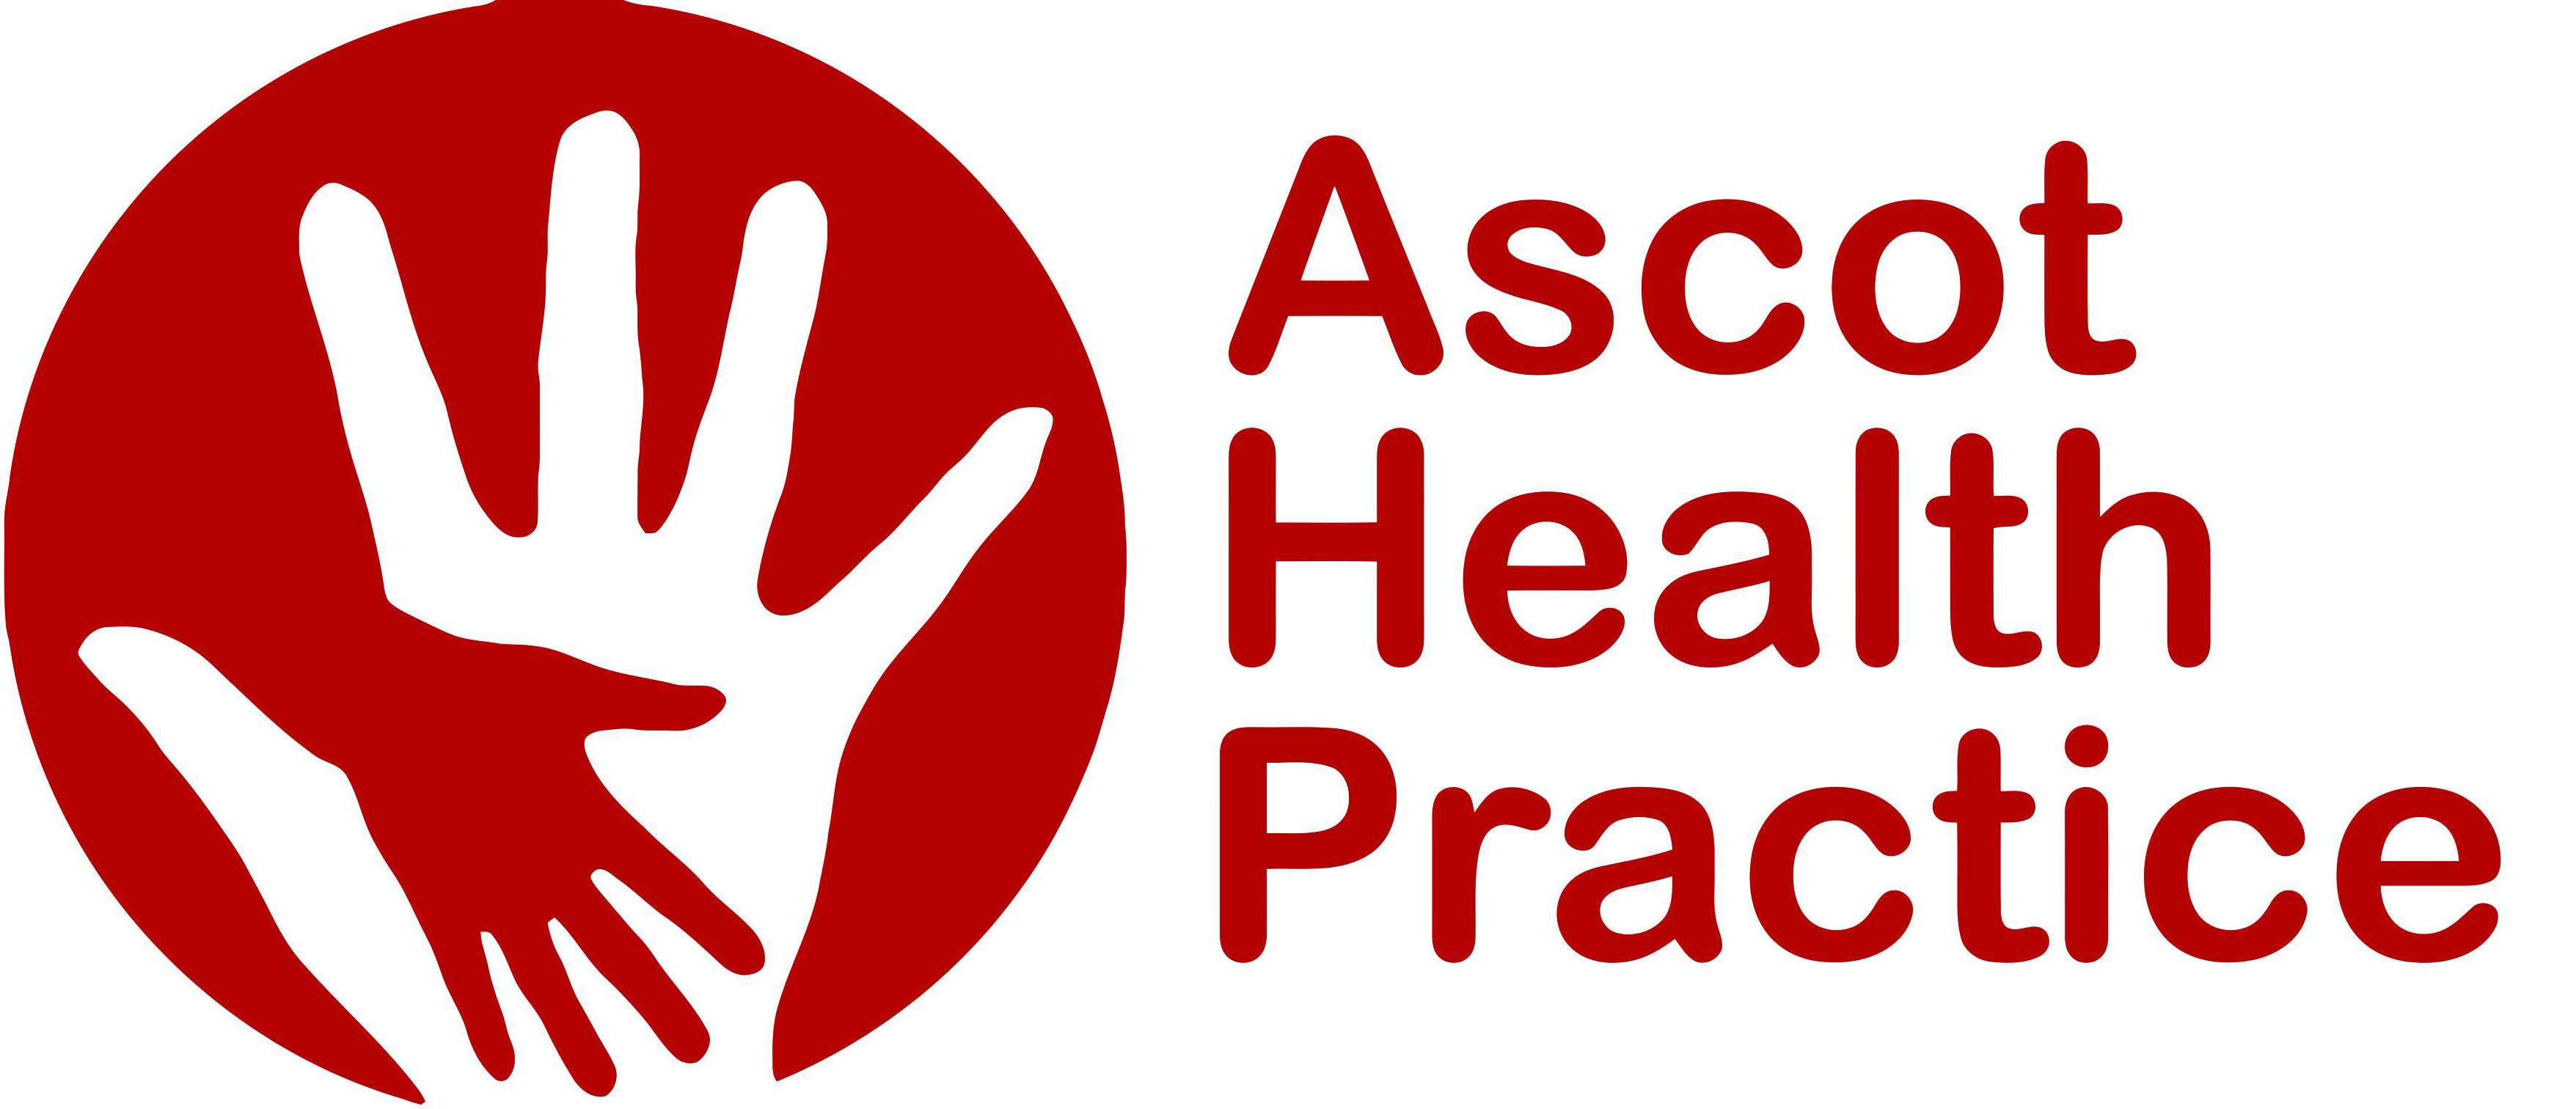 Ascot Health Practice